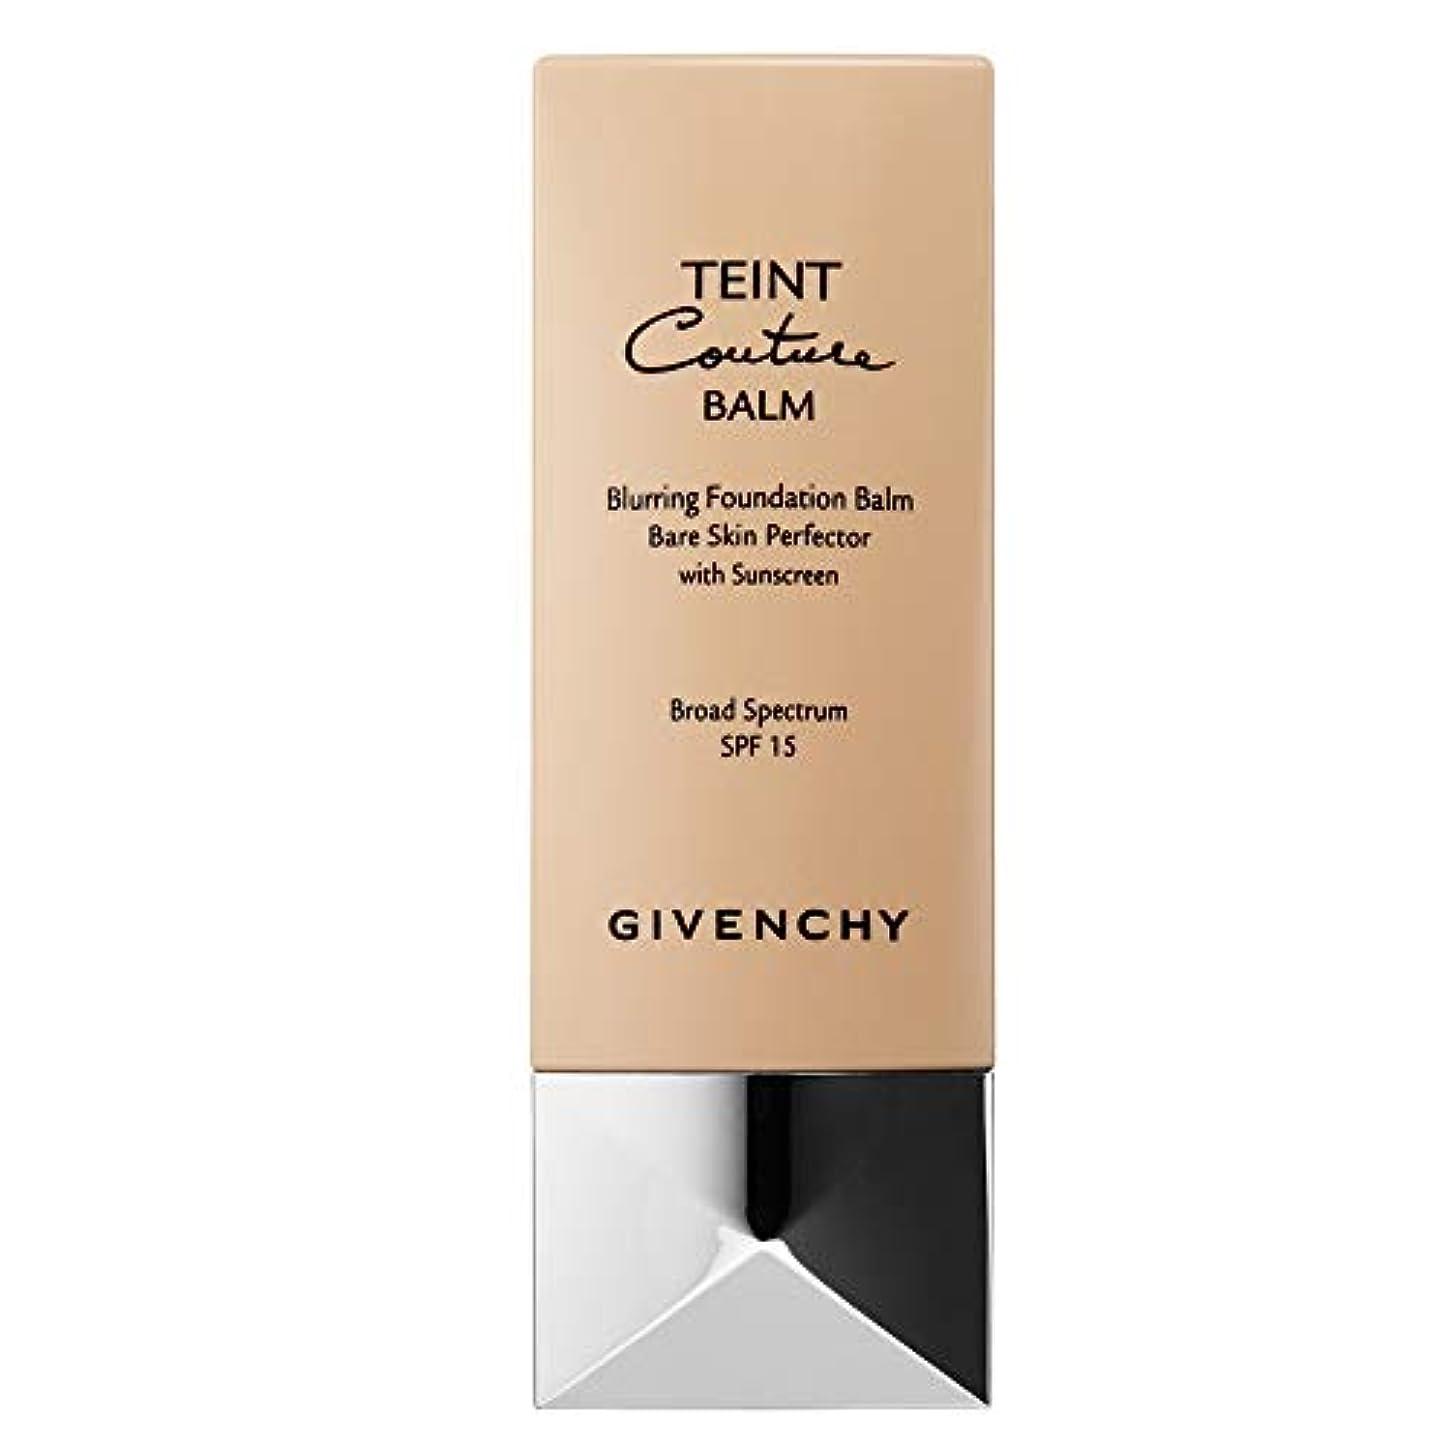 郵便ブローホール外国人ジバンシィ Teint Couture Blurring Foundation Balm SPF 15 - # 1 Nude Porcelain 30ml/1oz並行輸入品